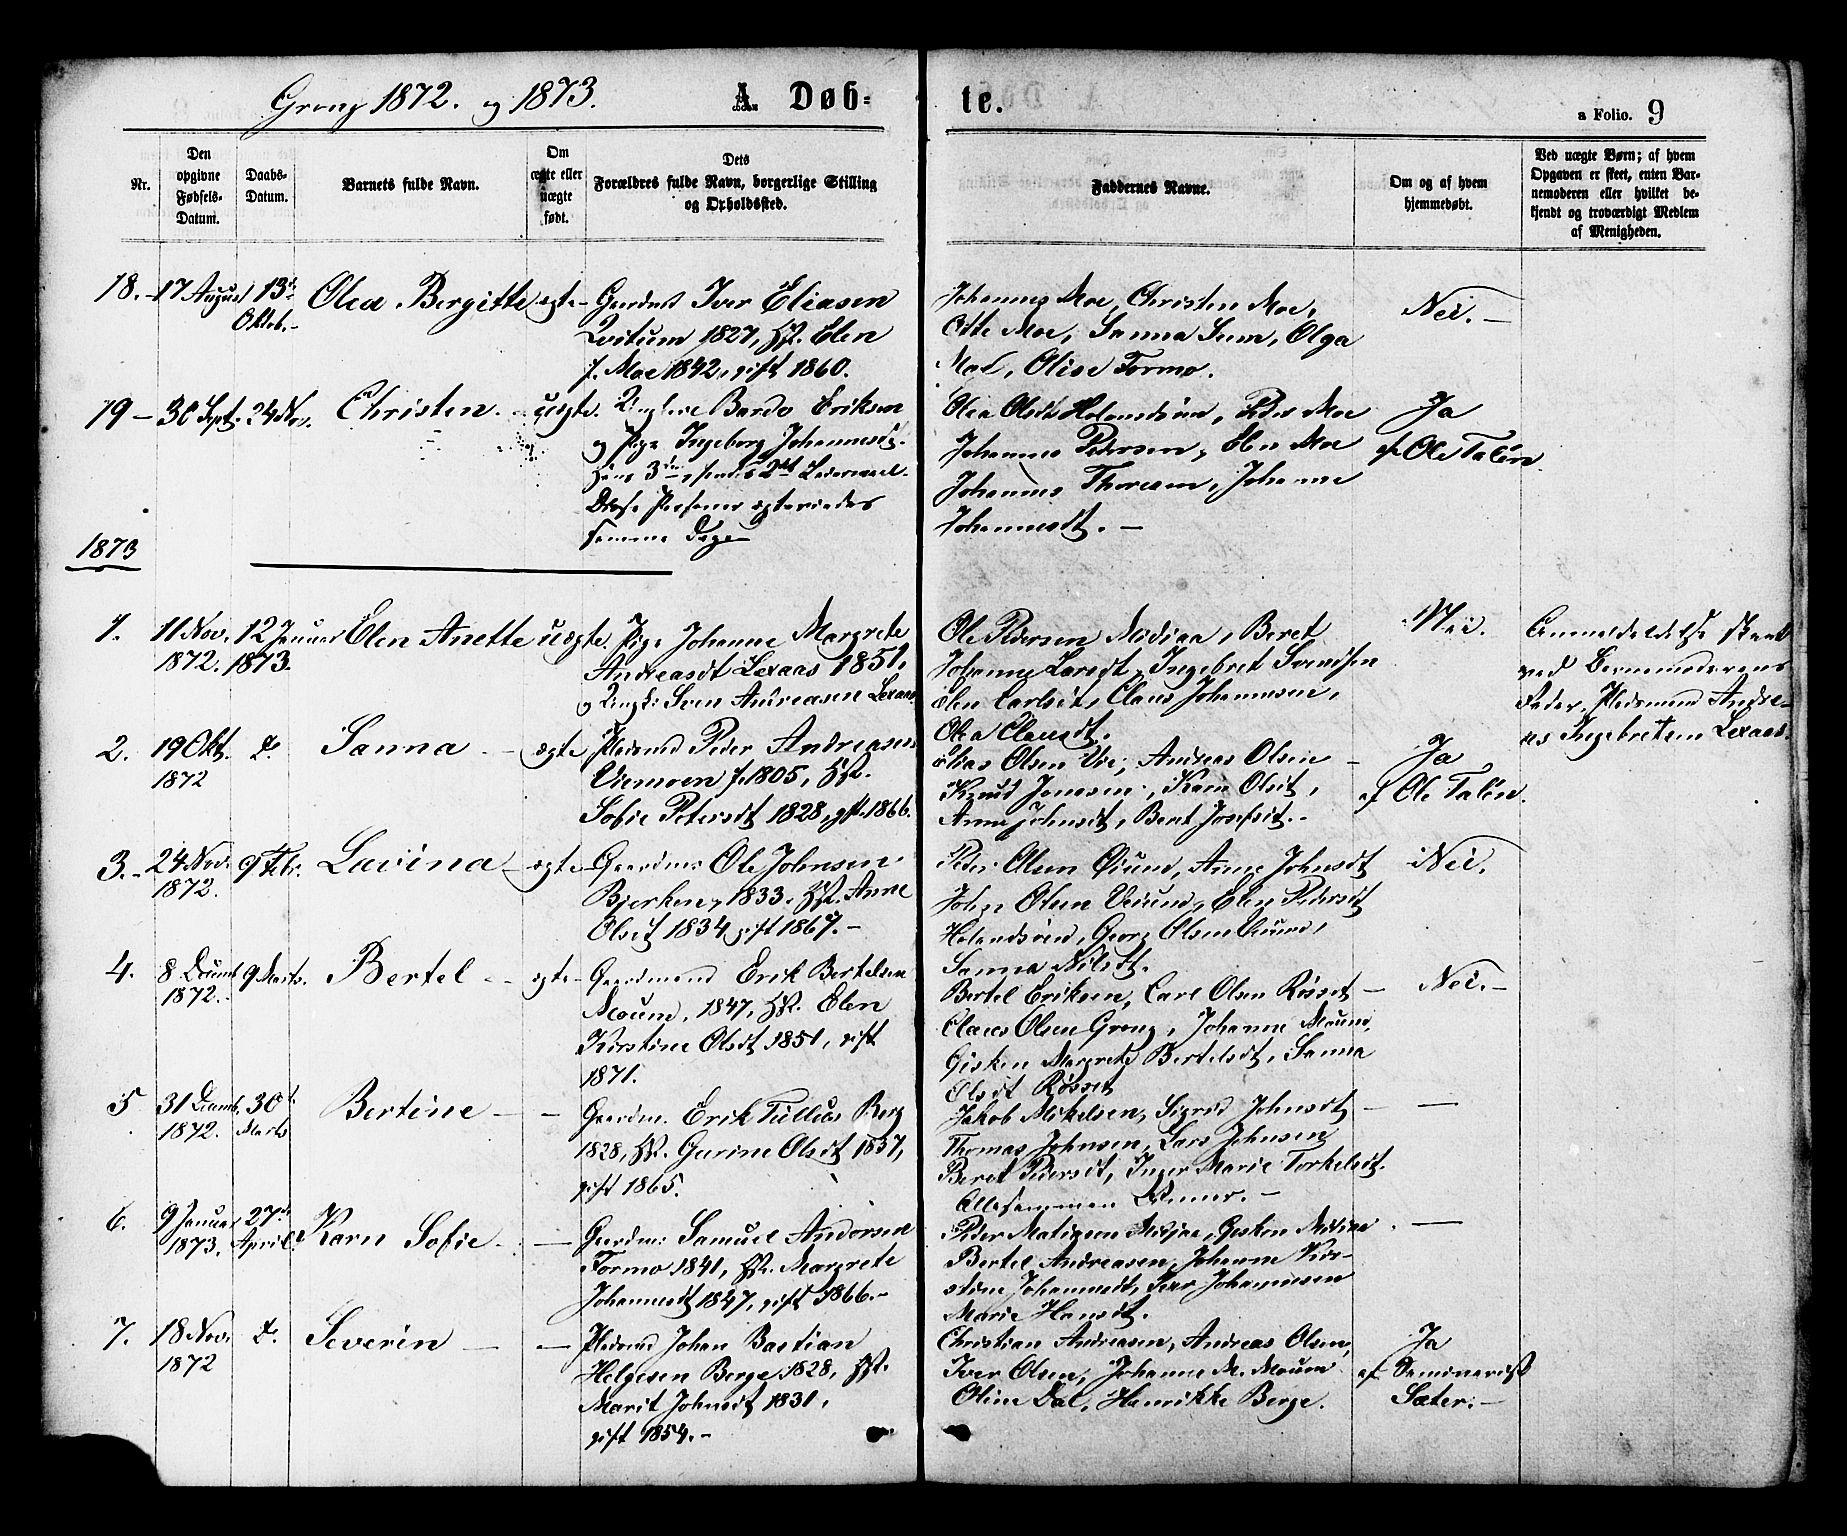 SAT, Ministerialprotokoller, klokkerbøker og fødselsregistre - Nord-Trøndelag, 758/L0516: Ministerialbok nr. 758A03 /1, 1869-1879, s. 9